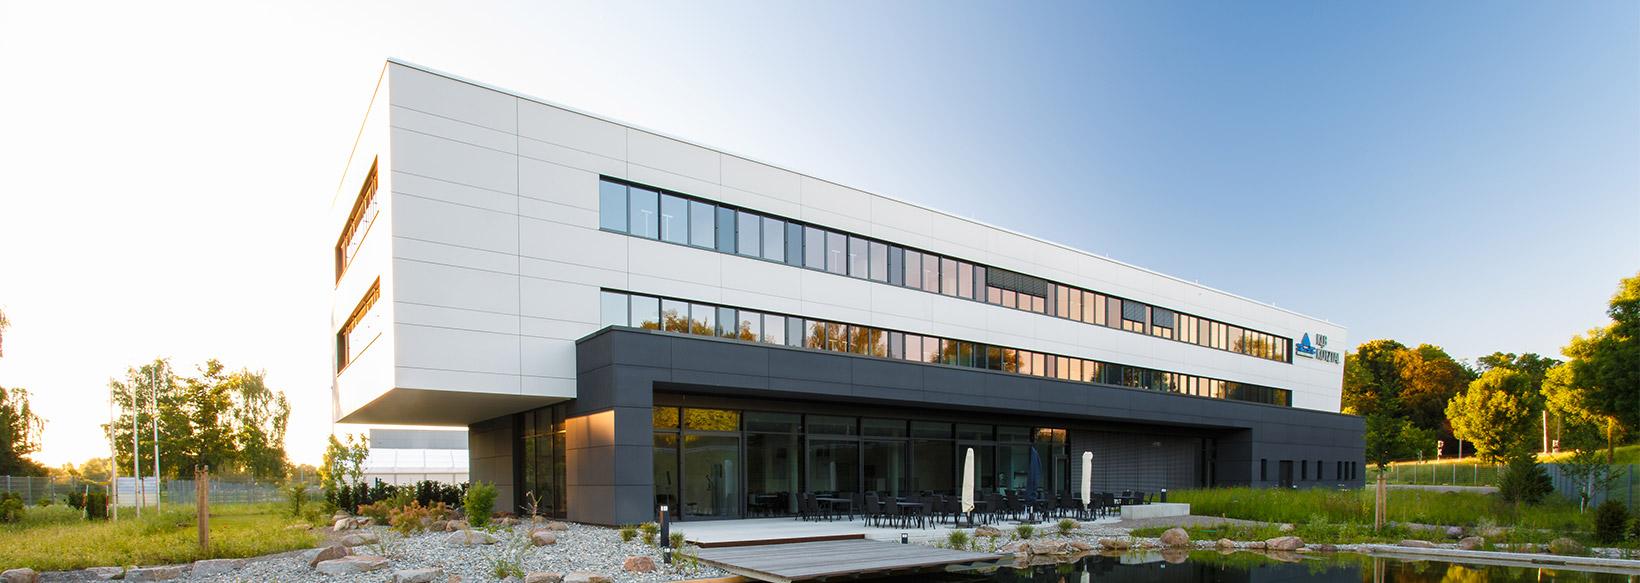 Neubau Büro- und Schulungszentrum - KLB